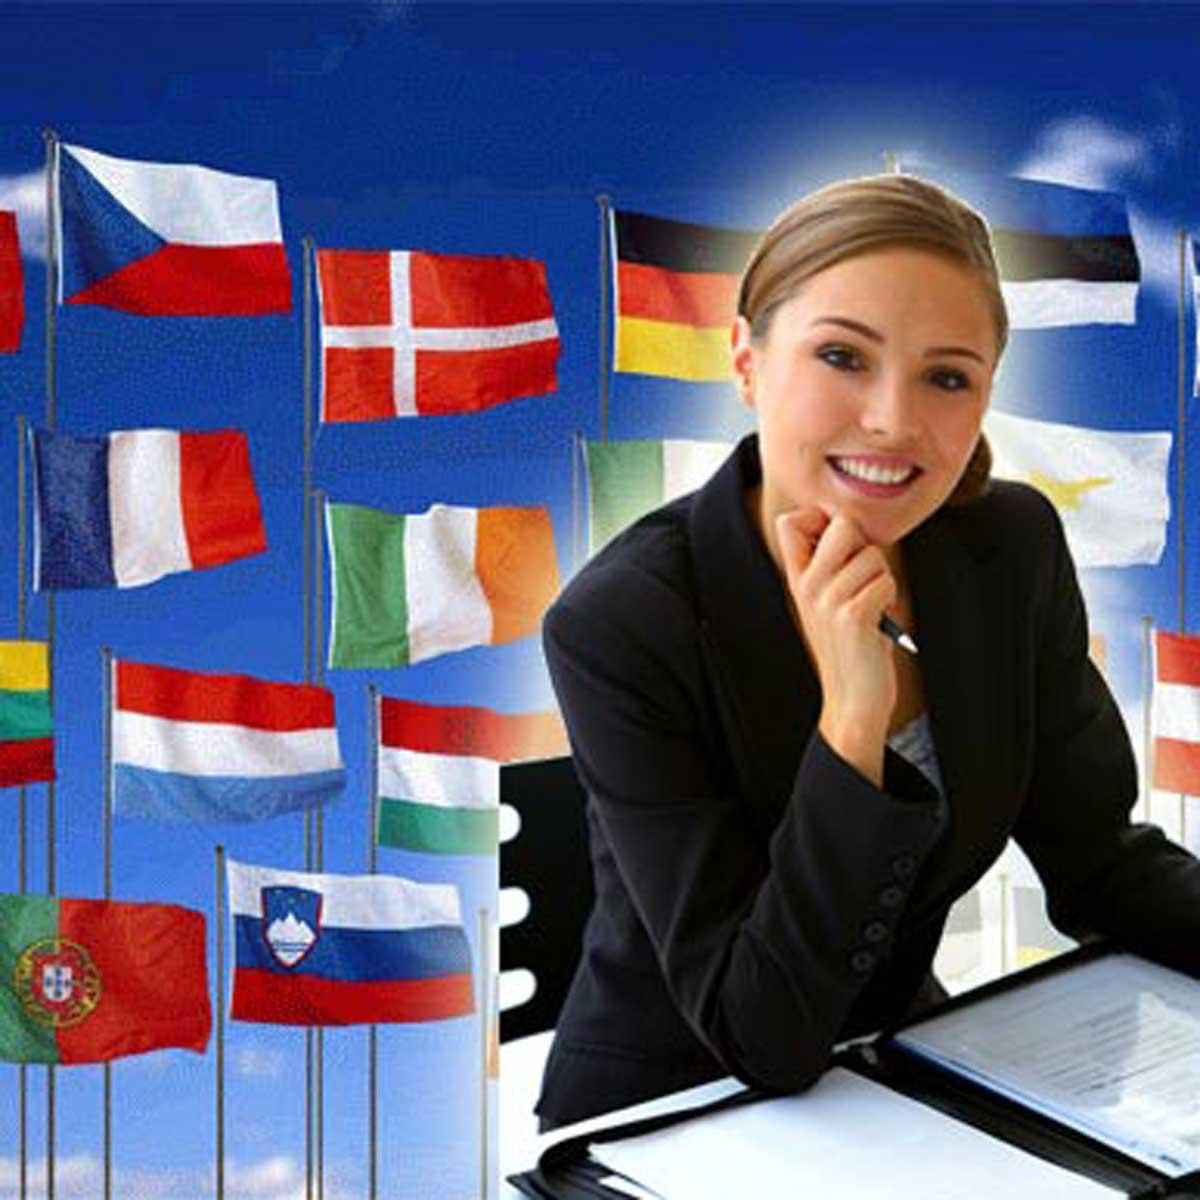 MONDO LAVORO] La Prefettura cerca interpreti e traduttori per i ...